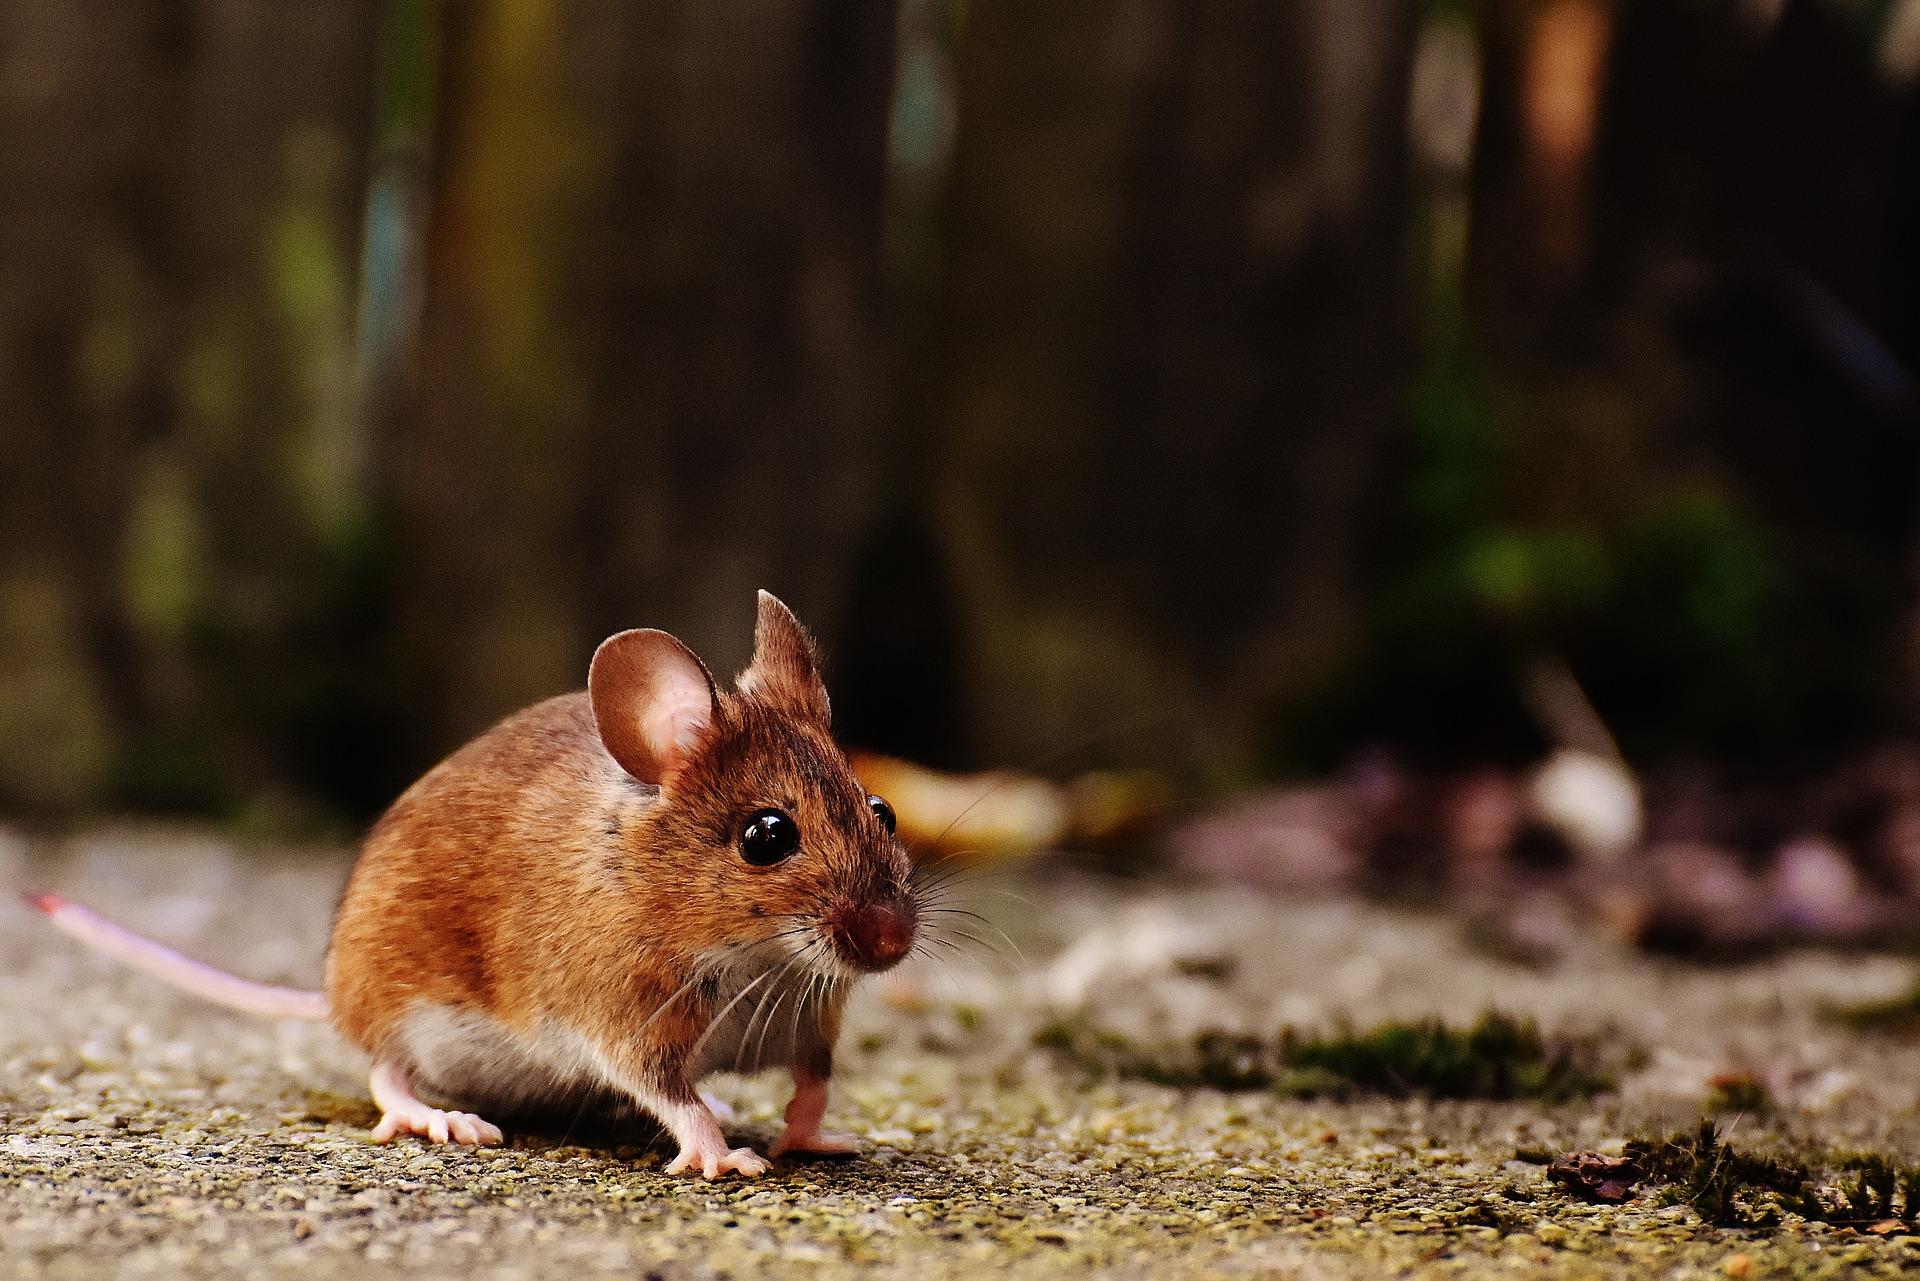 Rodent Awareness Week 2017 - DeerBusters.com